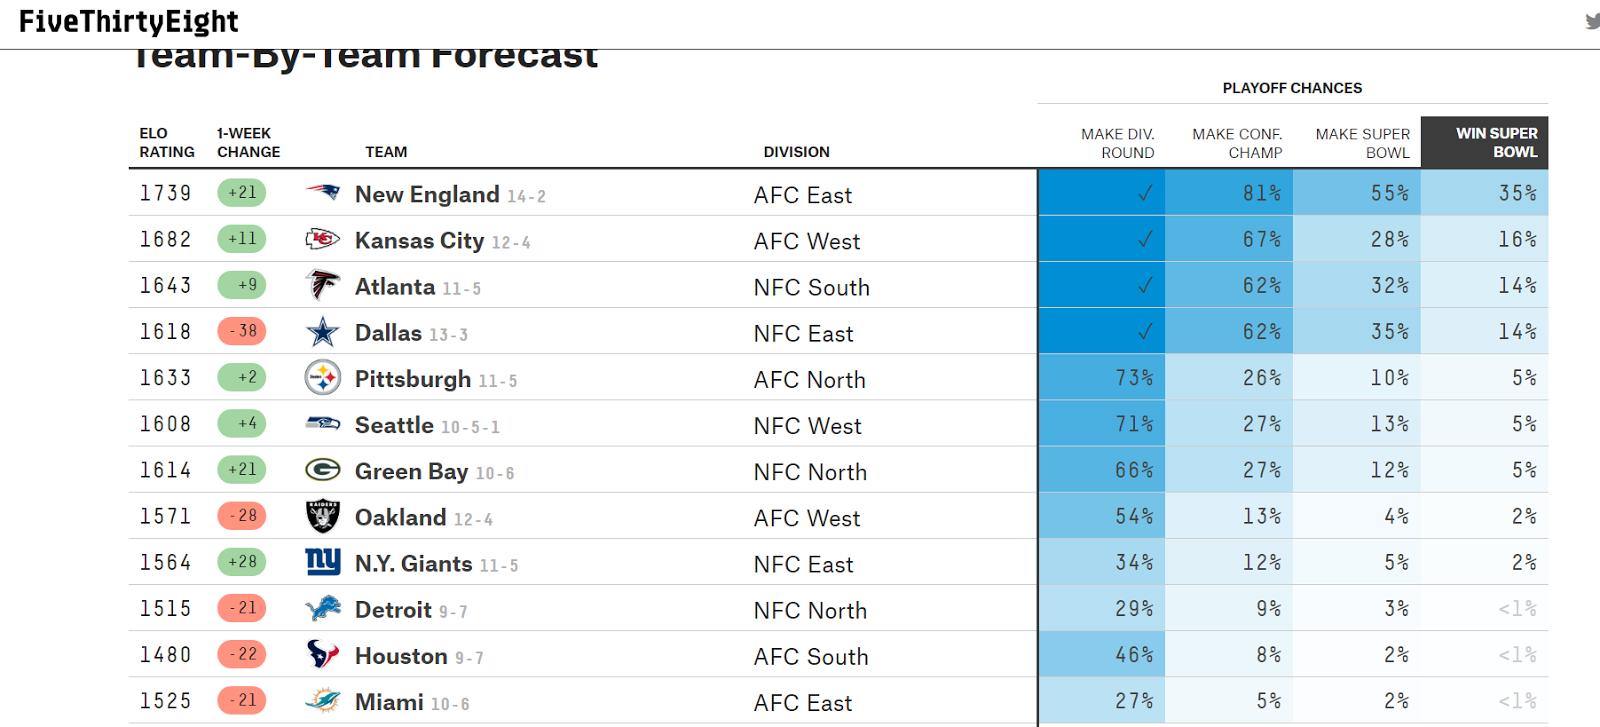 nfl super bowl predictions